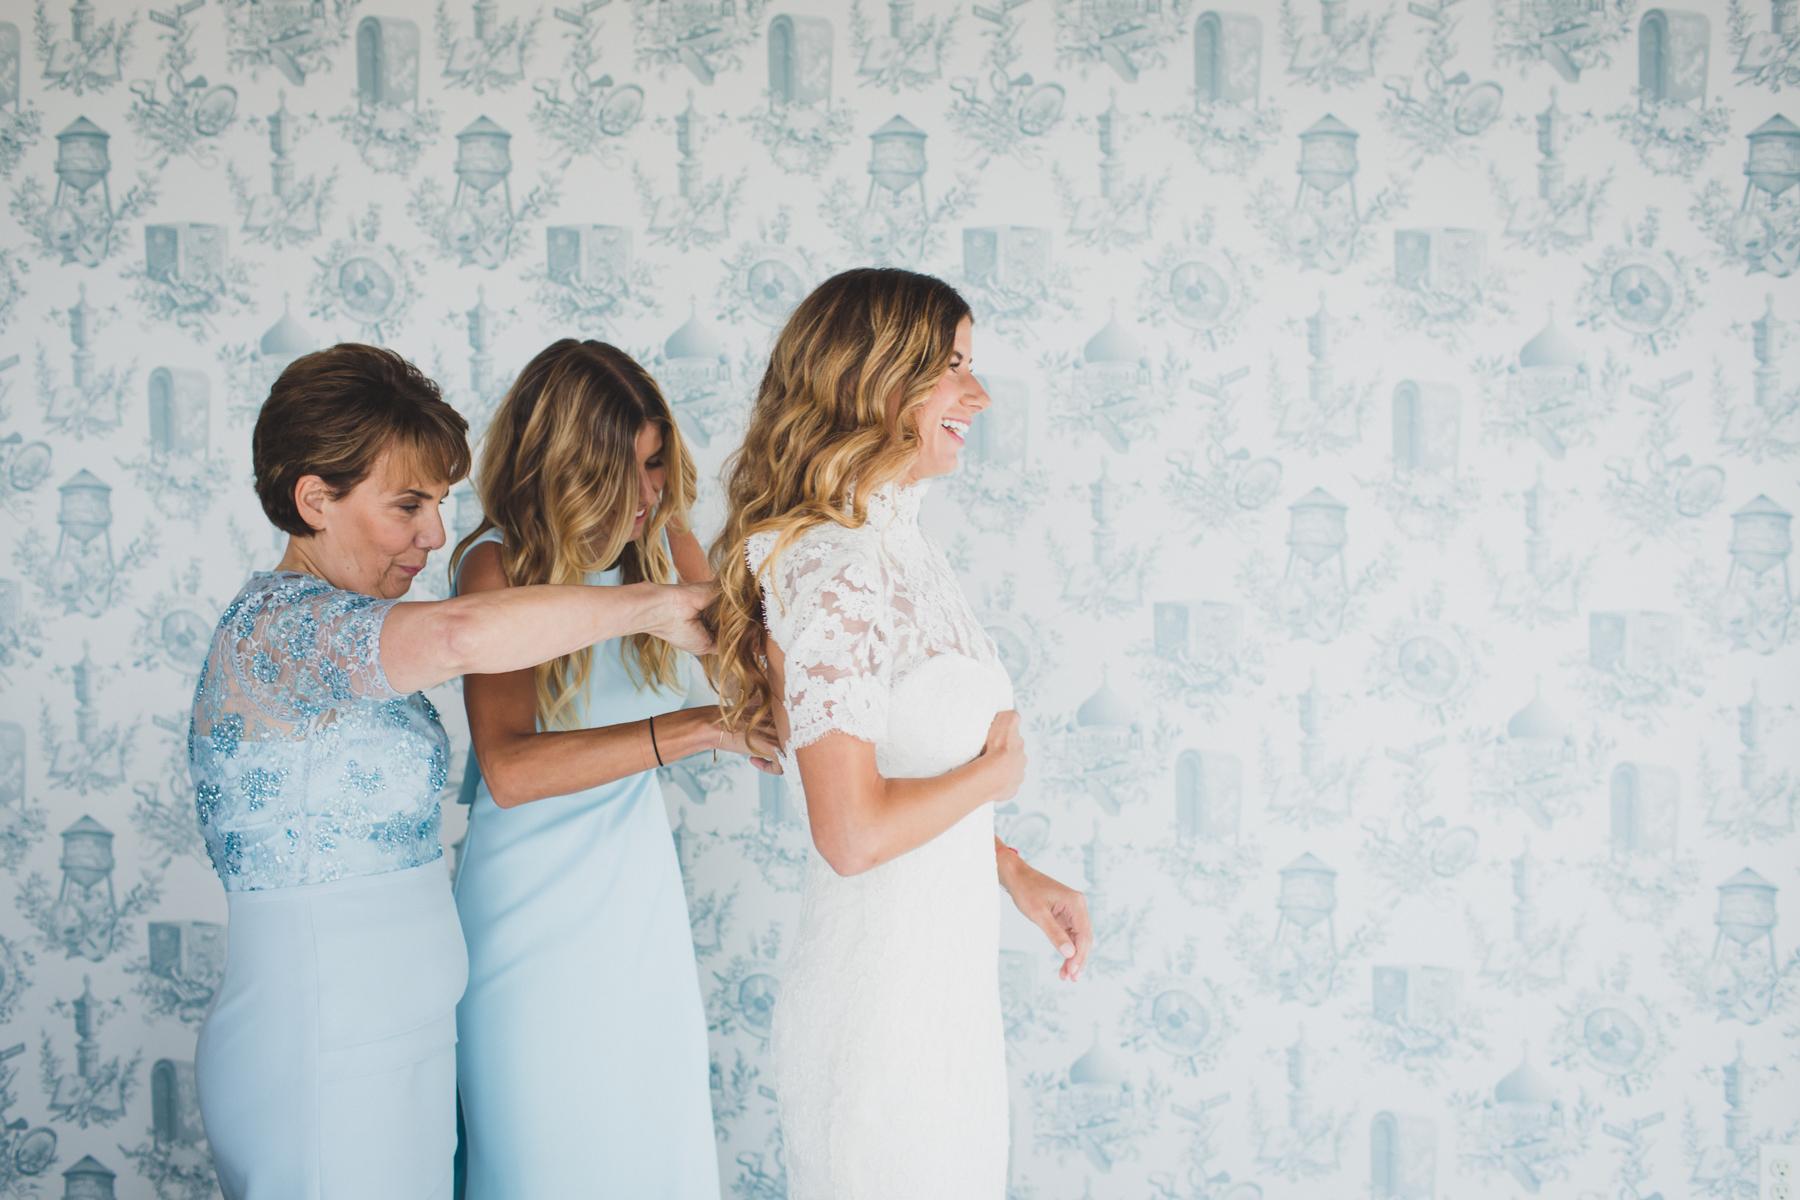 Wythe-Hotel-Green-Building-Brooklyn-Documentary-Wedding-Photography-29.jpg